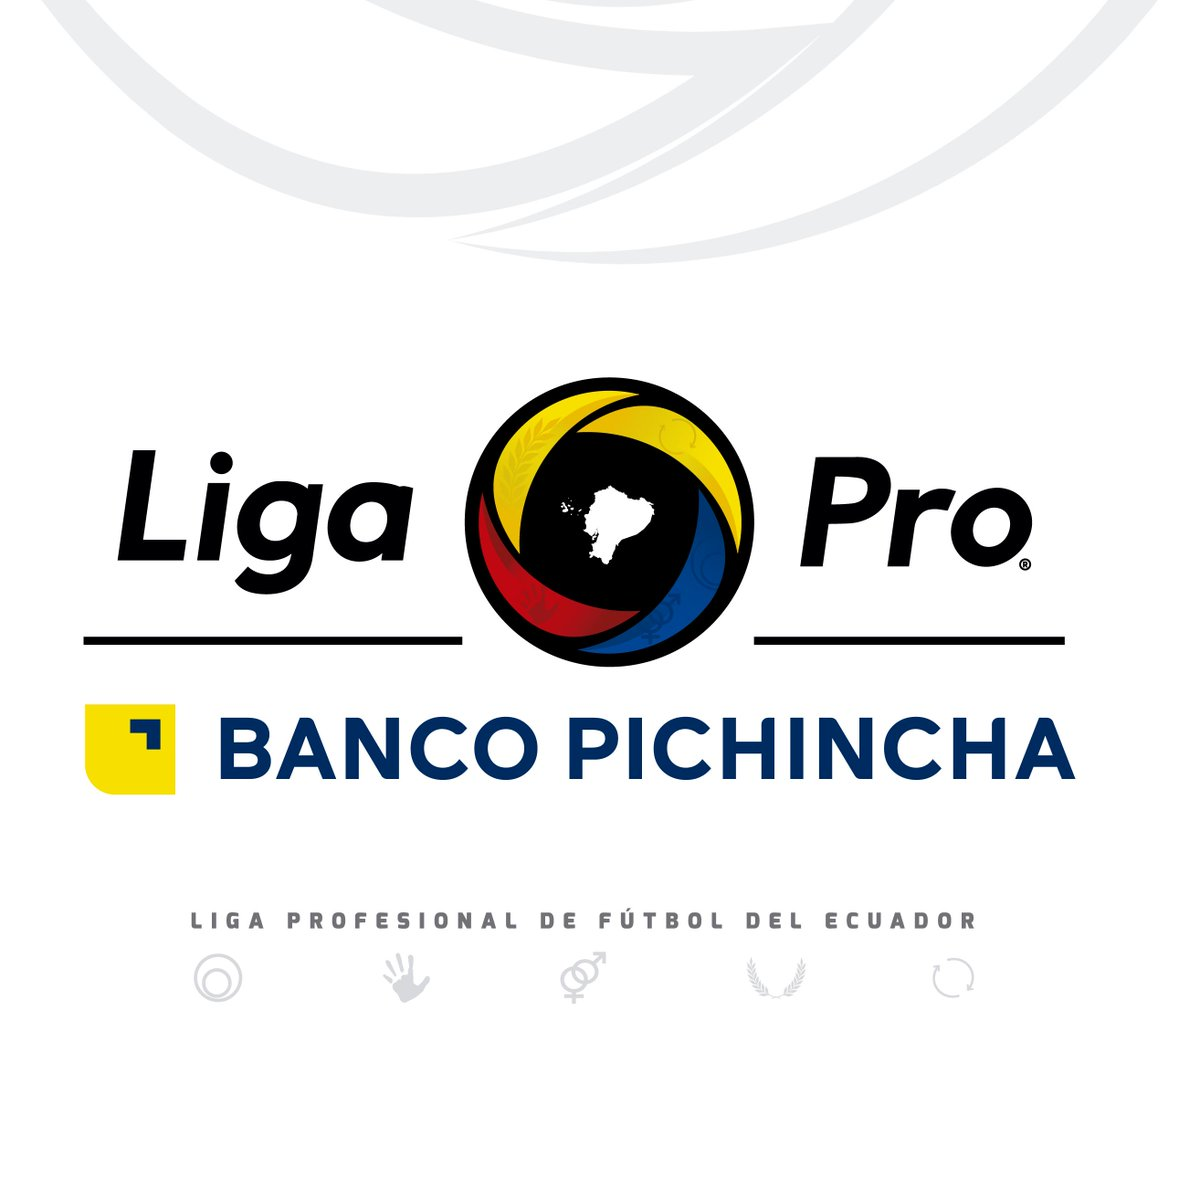 ¡Una alianza a beneficio del fútbol ecuatoriano! Bienvenido @BancoPichincha.  📢Ahora somos #LigaProBancoPichincha 🇪🇨🤝⚽ En confianza.